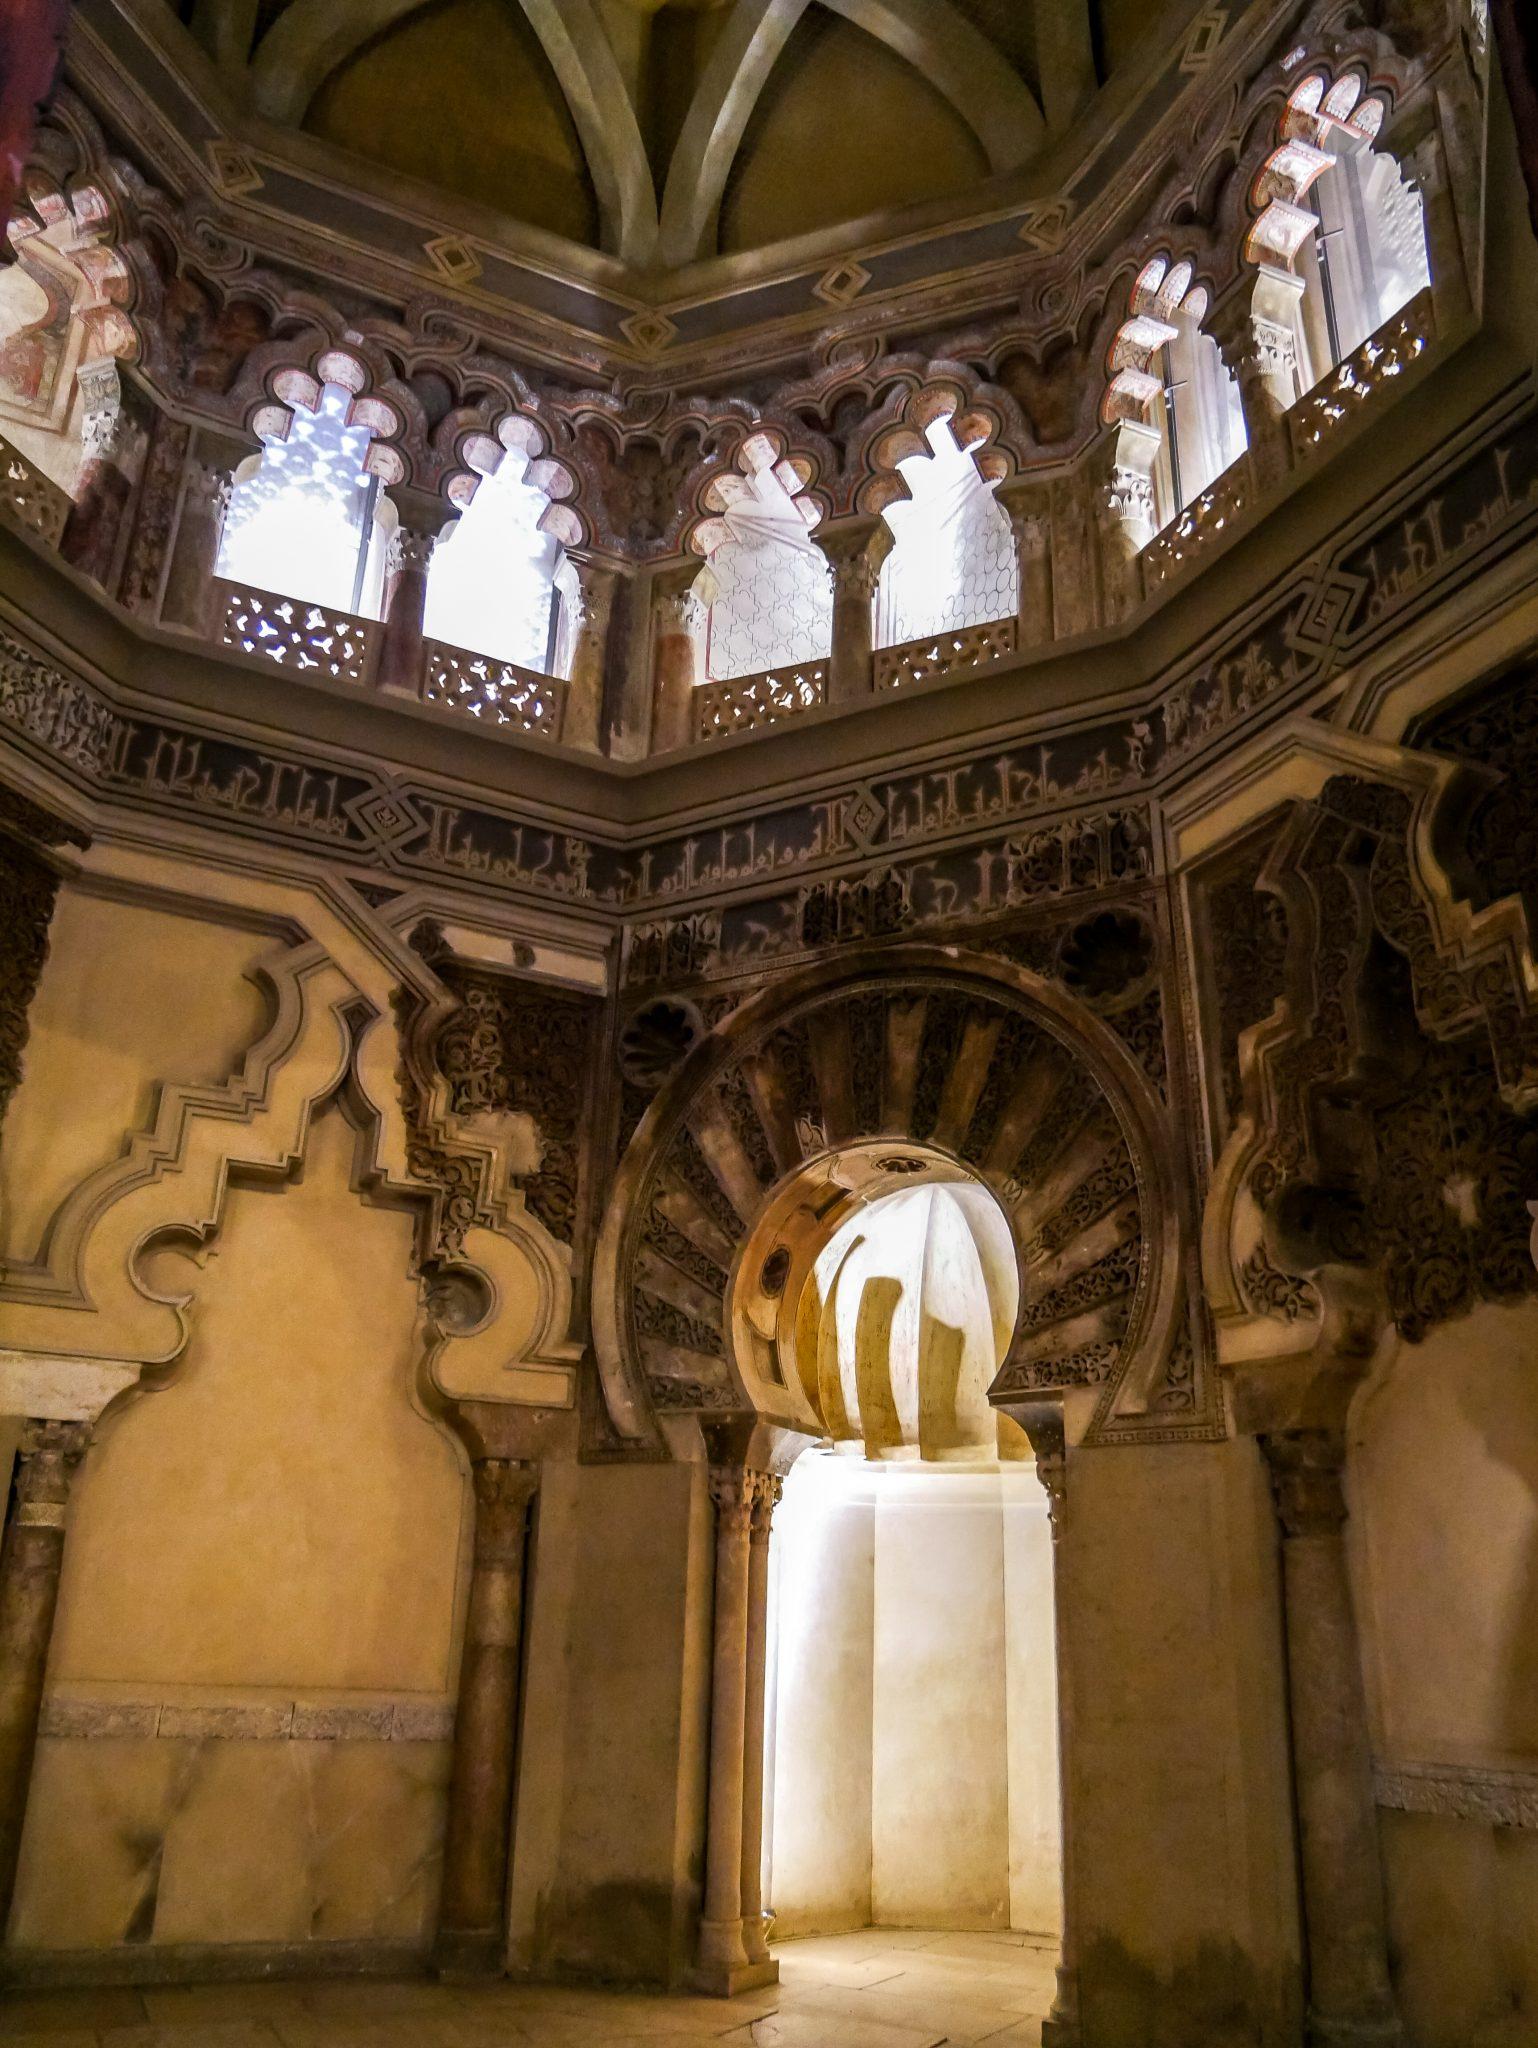 Wenn ich eins aus meinem ersten Auslandssemester in Sevilla, Spanien vermisse, ist es der maurische Einfluss auf die Stadt. Saragossa kann diesen maurischen Einfluss nachweisen.